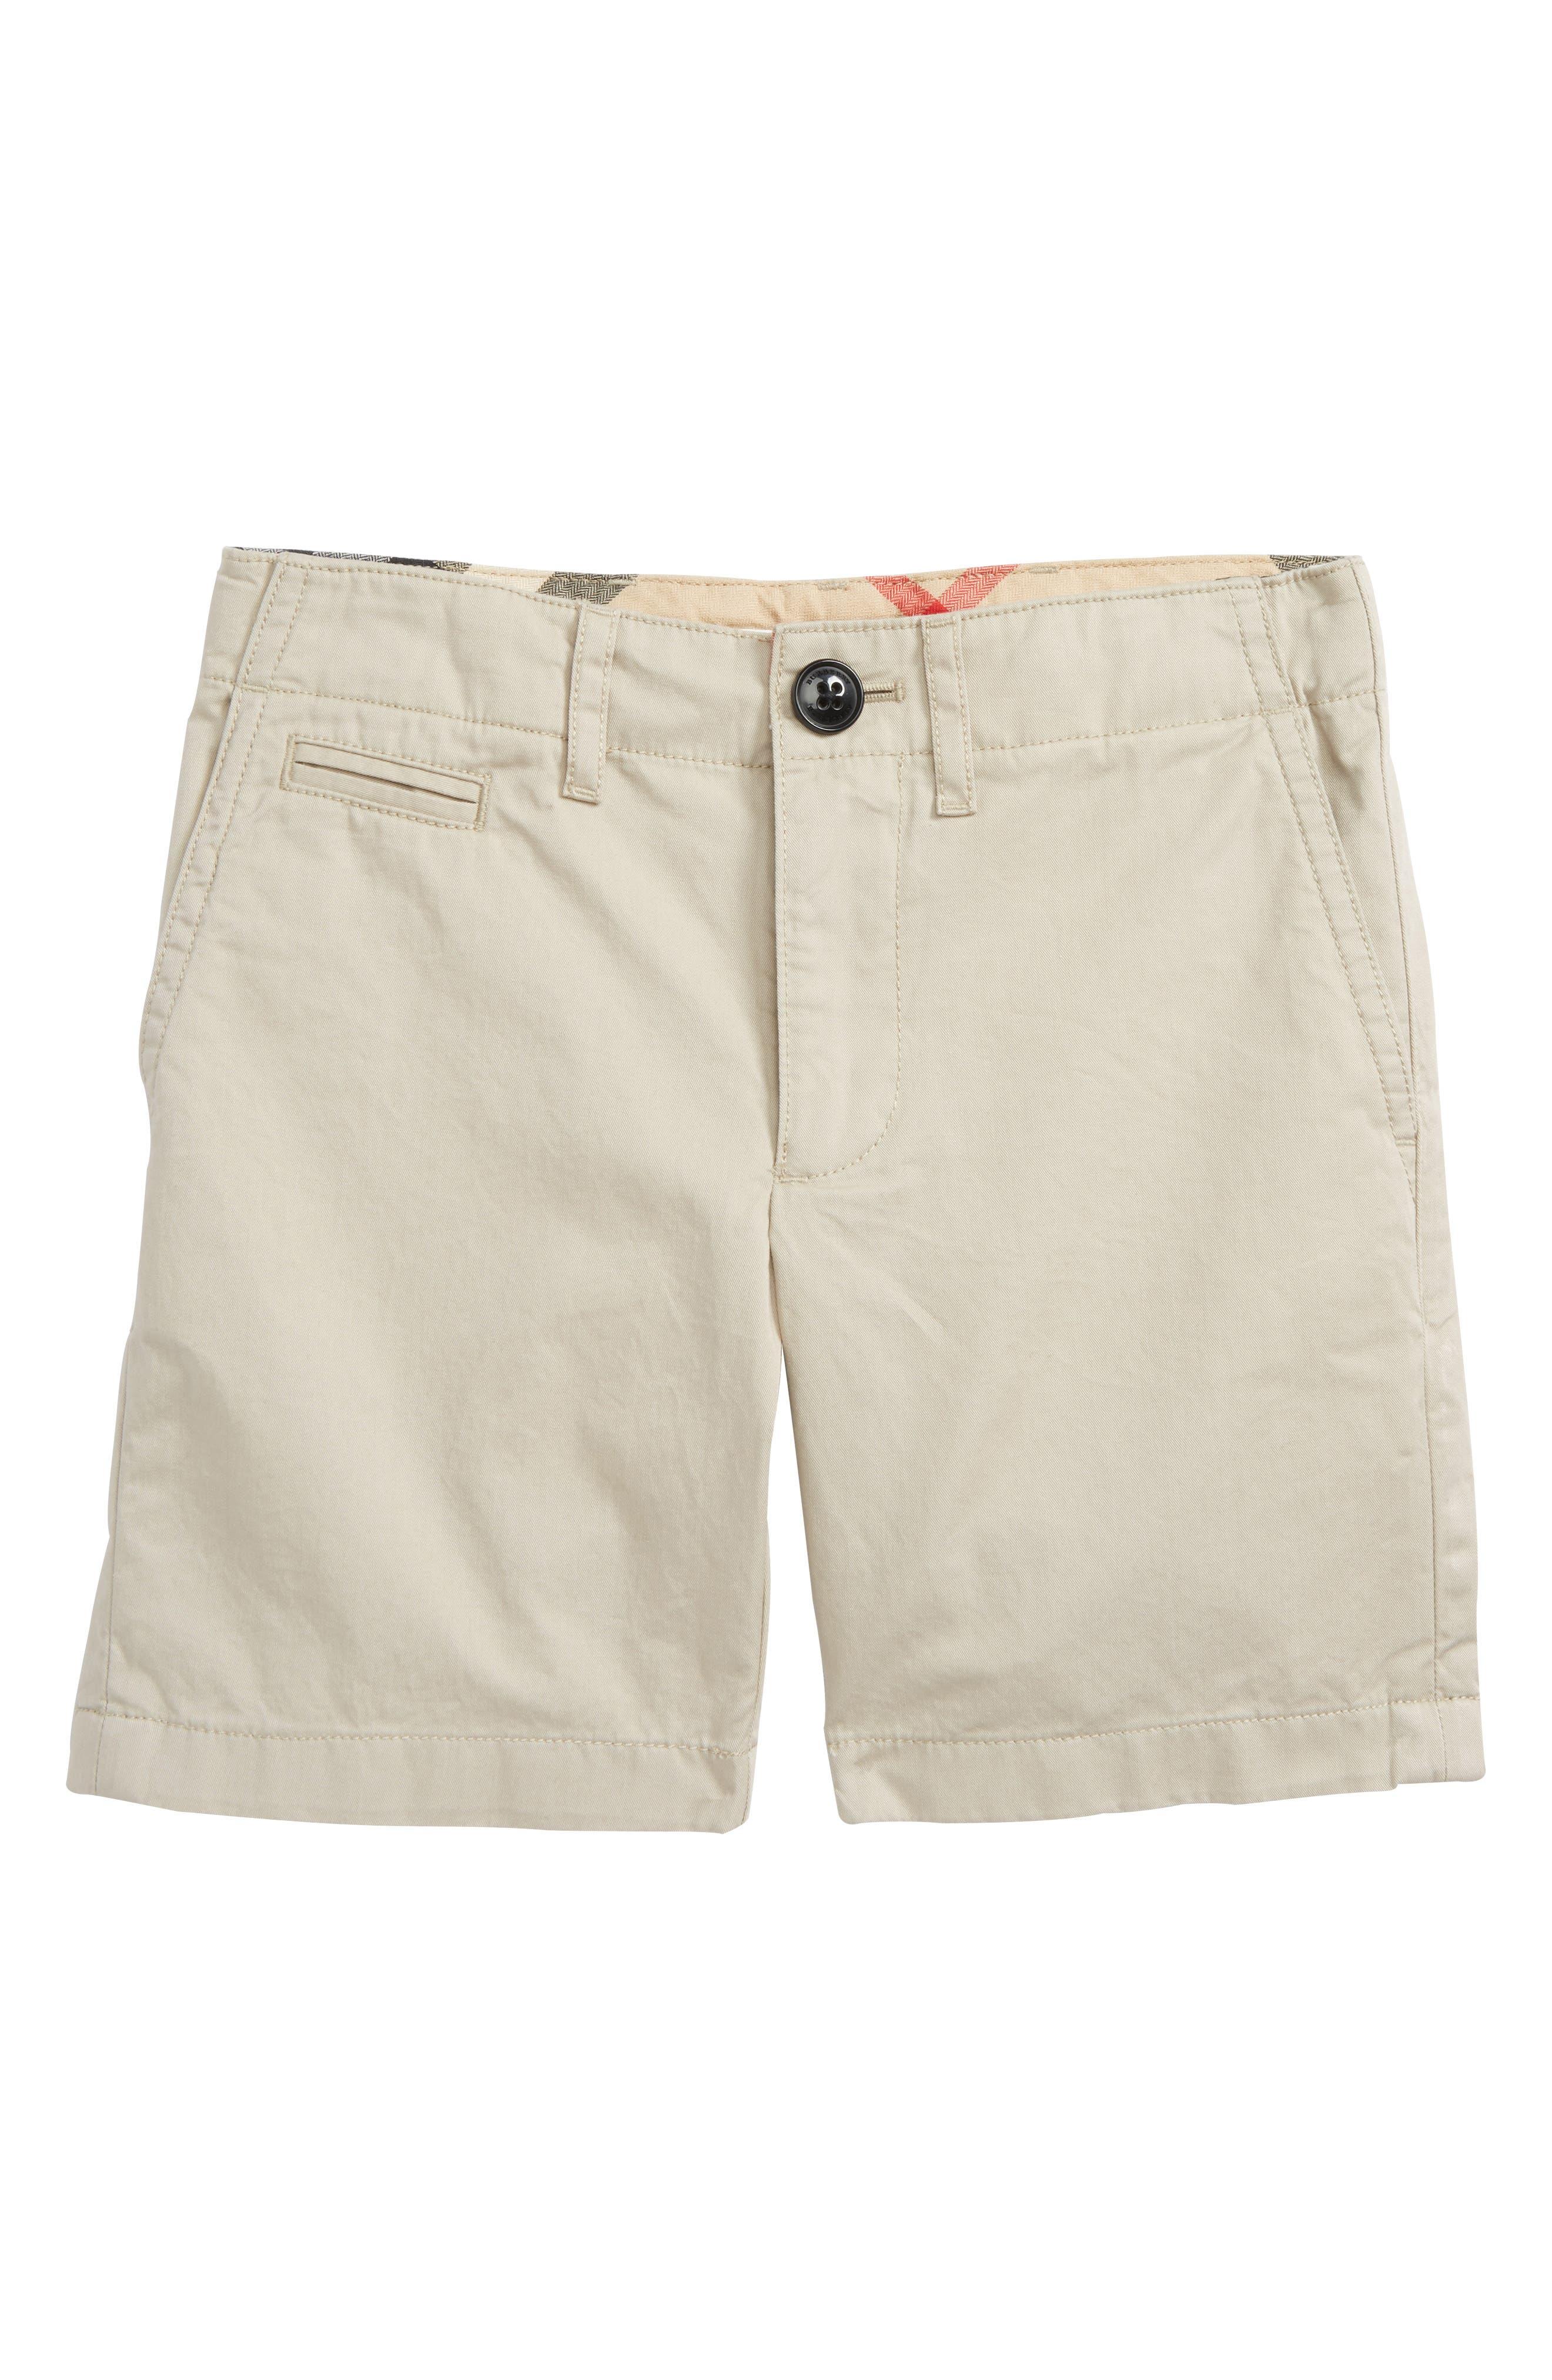 Tristen Shorts,                         Main,                         color, 028